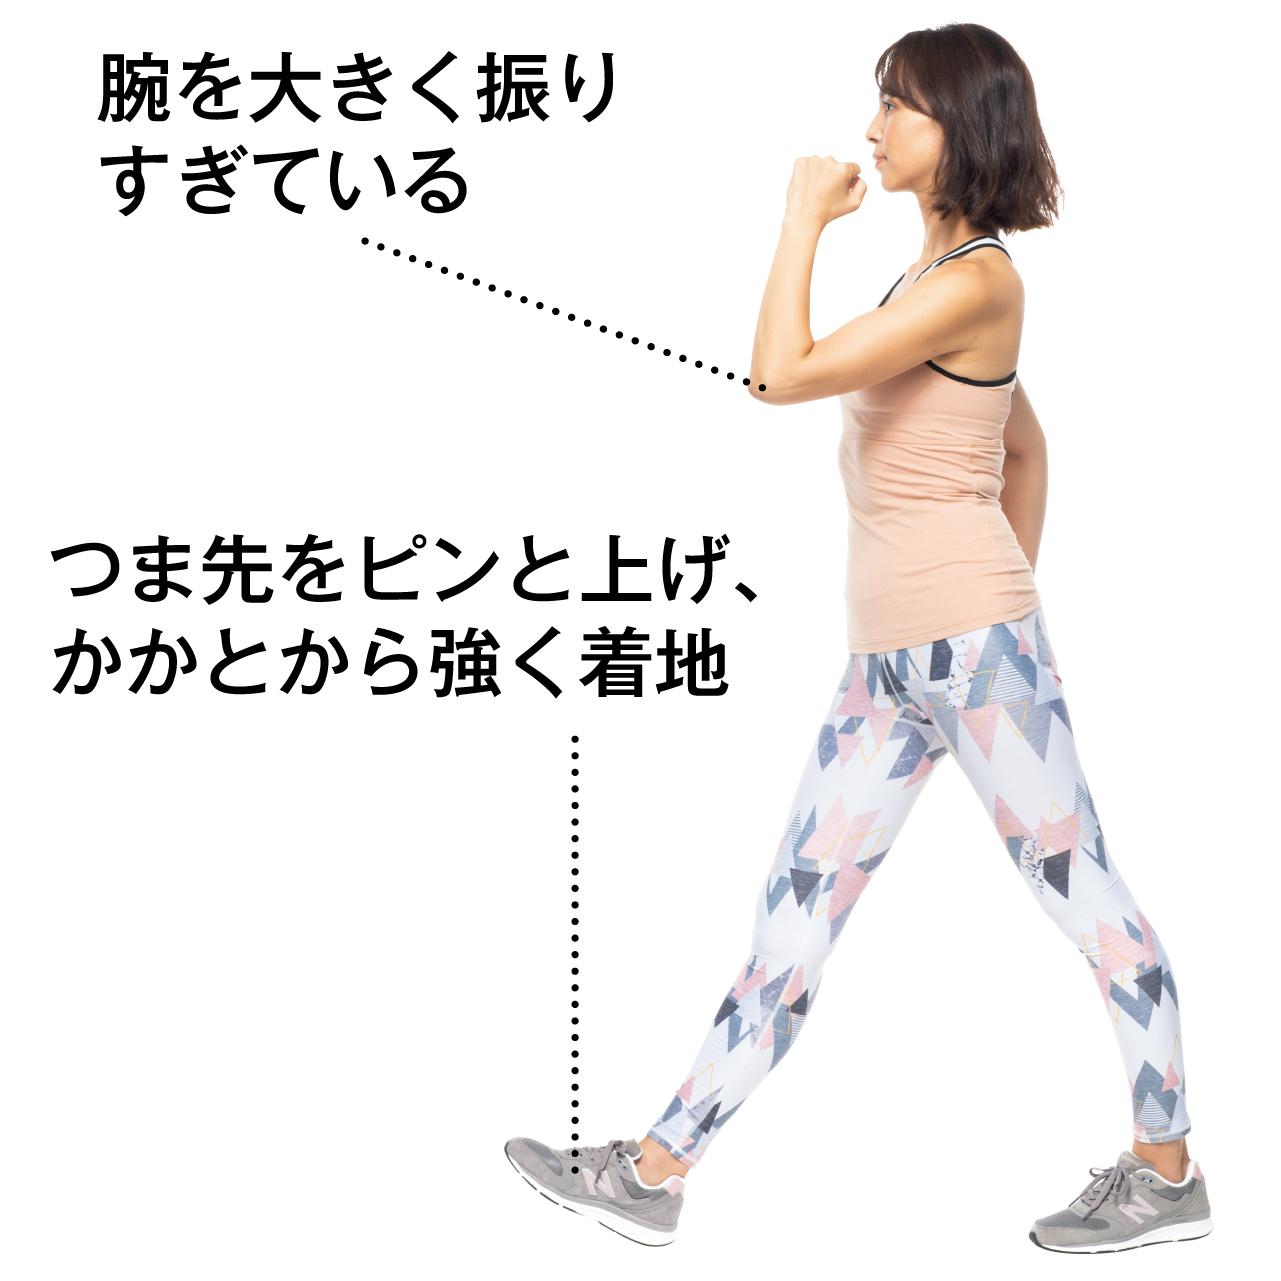 つま先上げ、かかと着地歩き 腕を大きく振りすぎている つま先をピンと上げ、かかとから強く着地